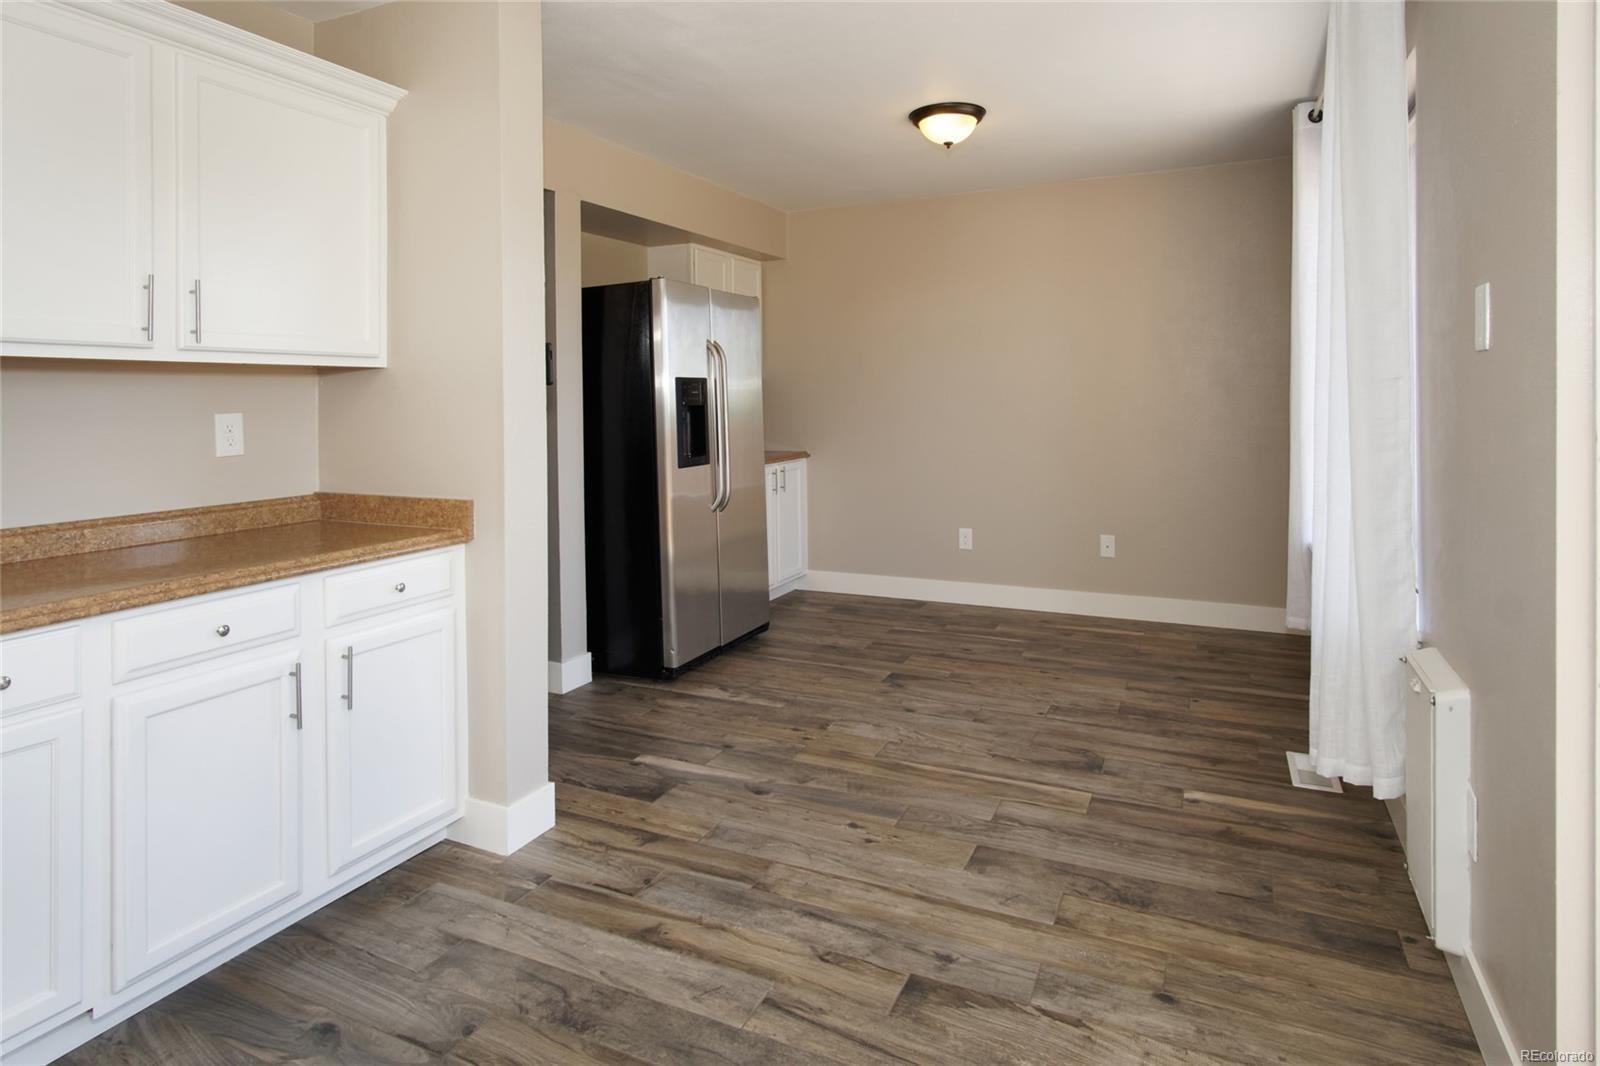 MLS# 6343588 - 15 - 522 Lindenwood Court, Highlands Ranch, CO 80126